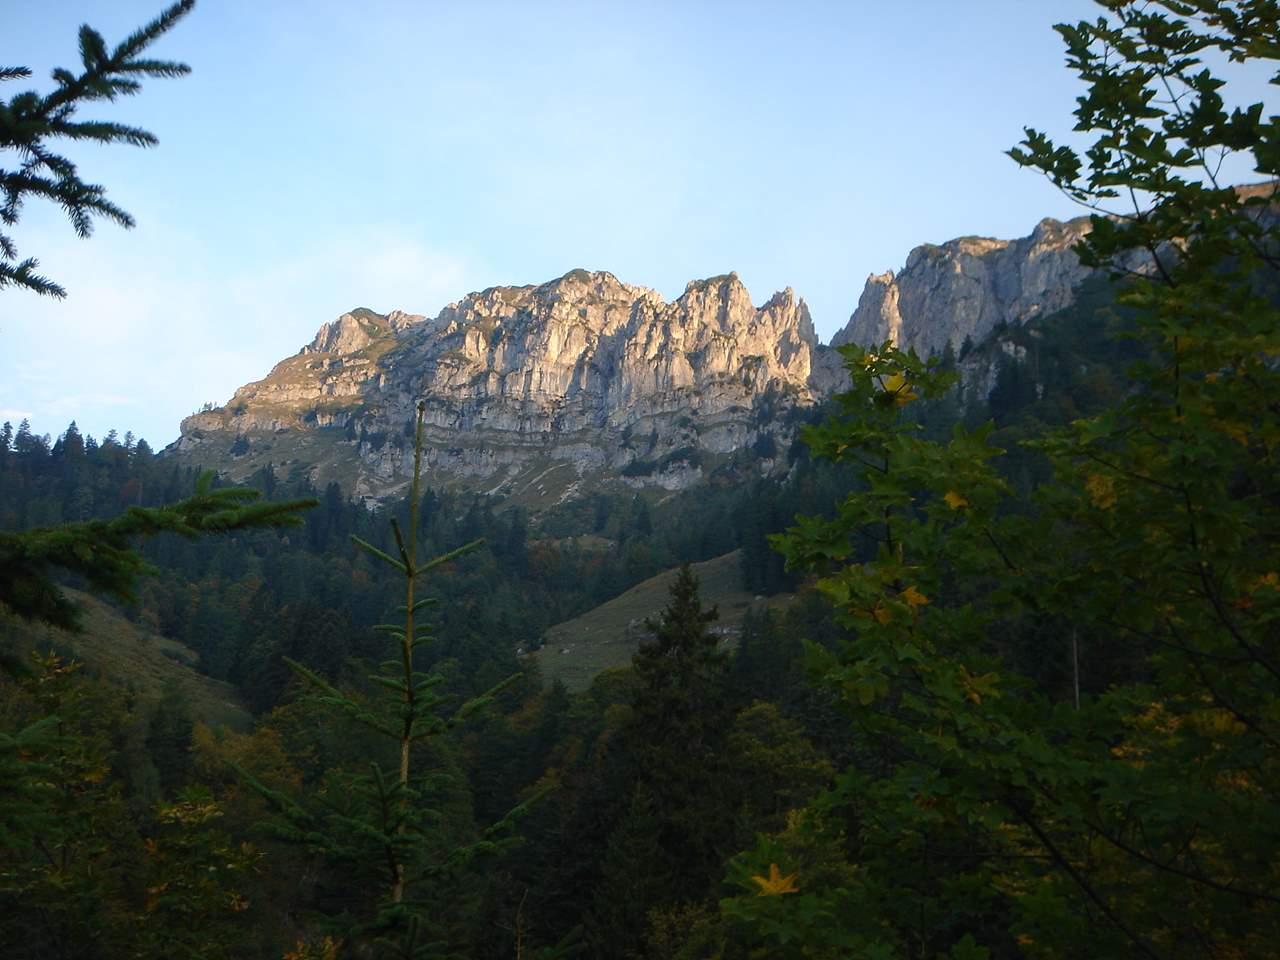 Foto: Manfred Karl / Wander Tour / Grabnerstein - Gipfelrunde / Der gezackte Grat zwischen Admonter Warte und Grabnerstein. / 18.05.2007 14:53:17